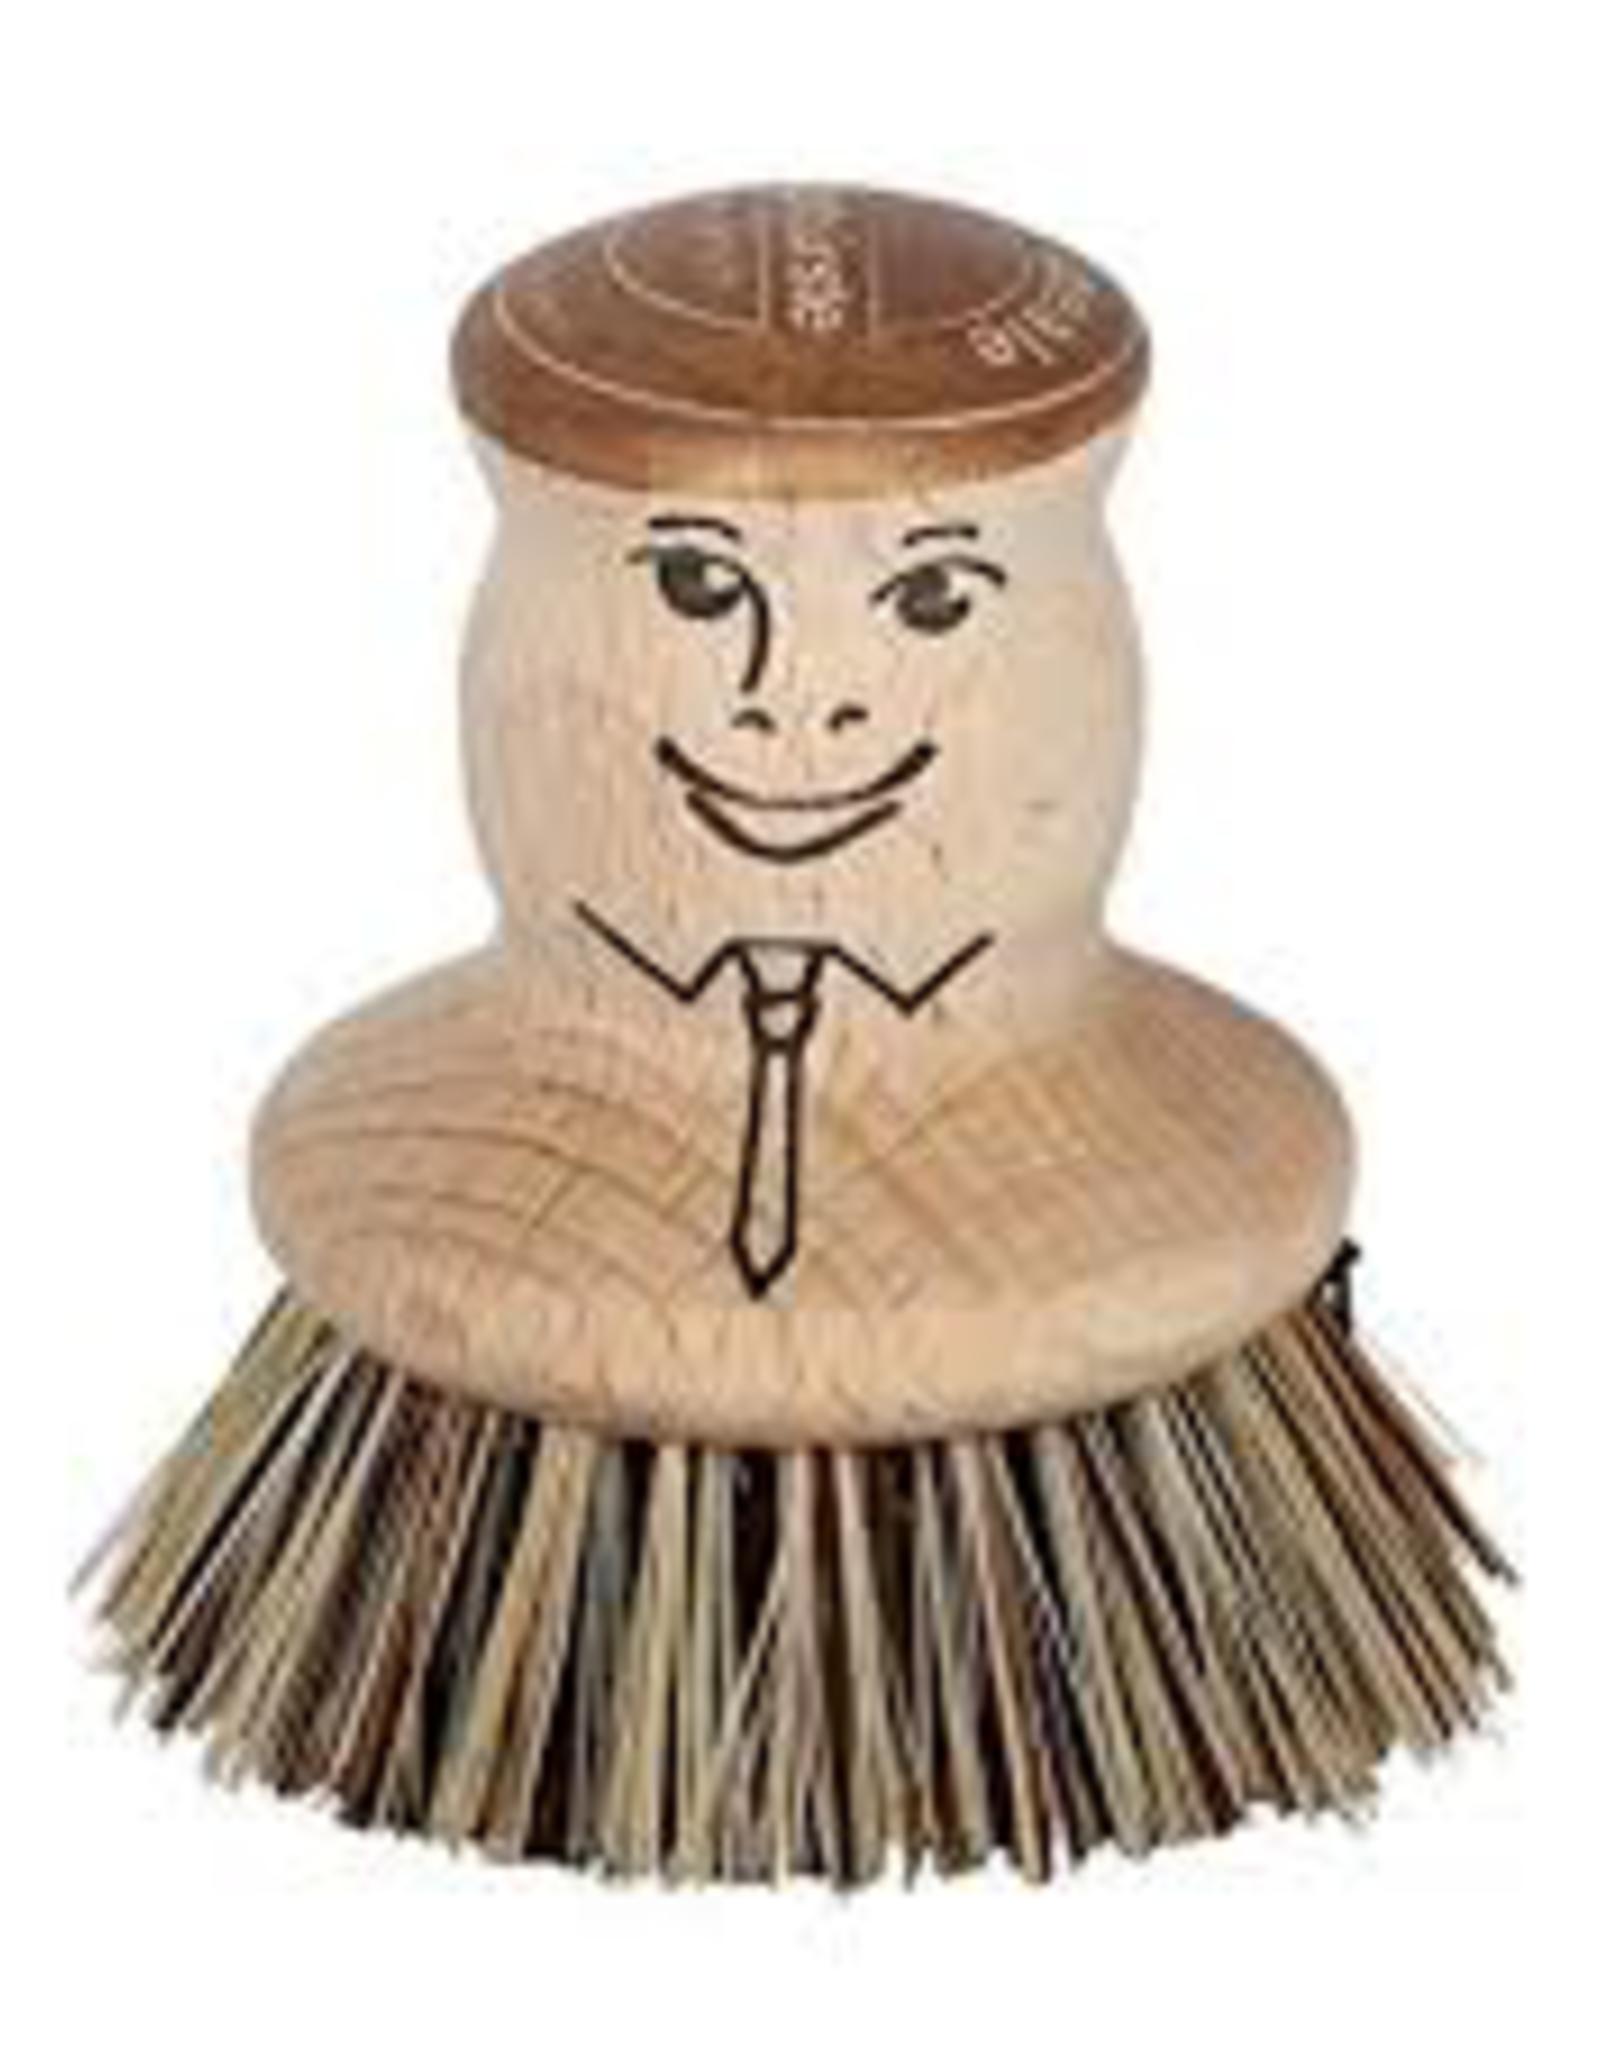 Redecker Redecker Pot Brush